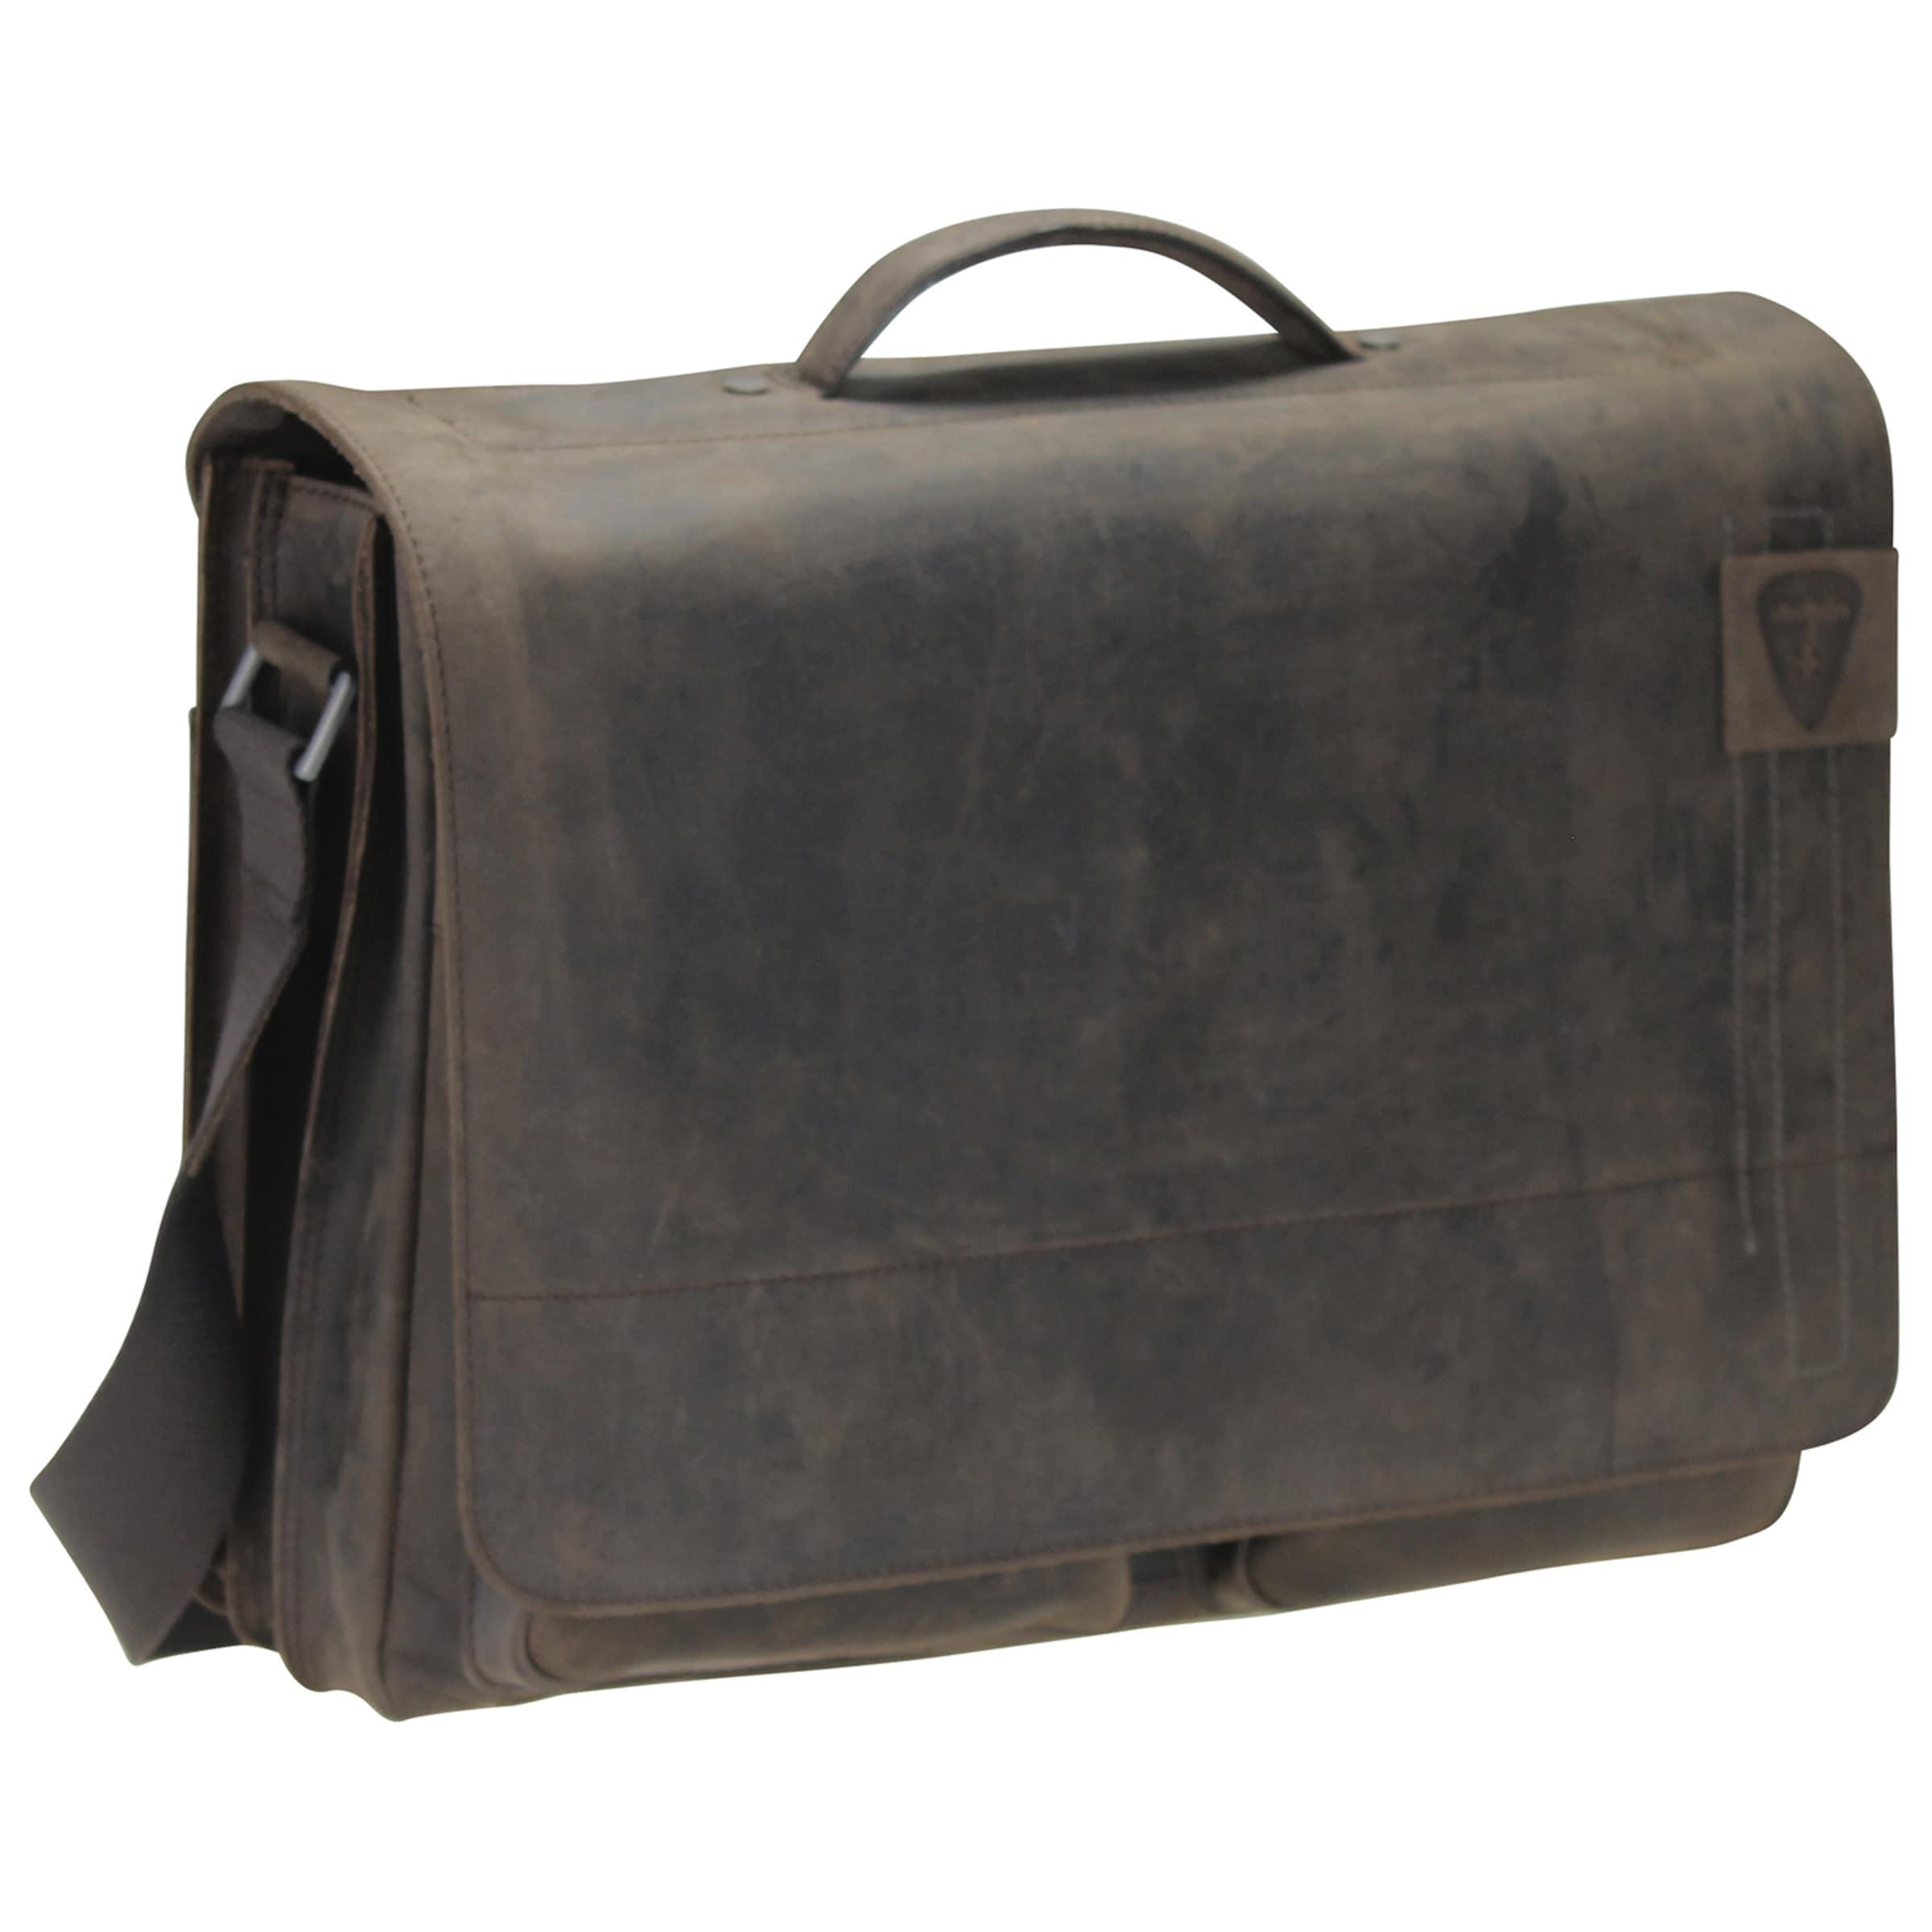 STRELLSON 'Richmond Messenger' BriefBag XL Leder 41 cm Laptopfach Billigste Zum Verkauf Billig Verkaufen Neu Auslass-Websites Rabatt Bestellen Q1W3Y8